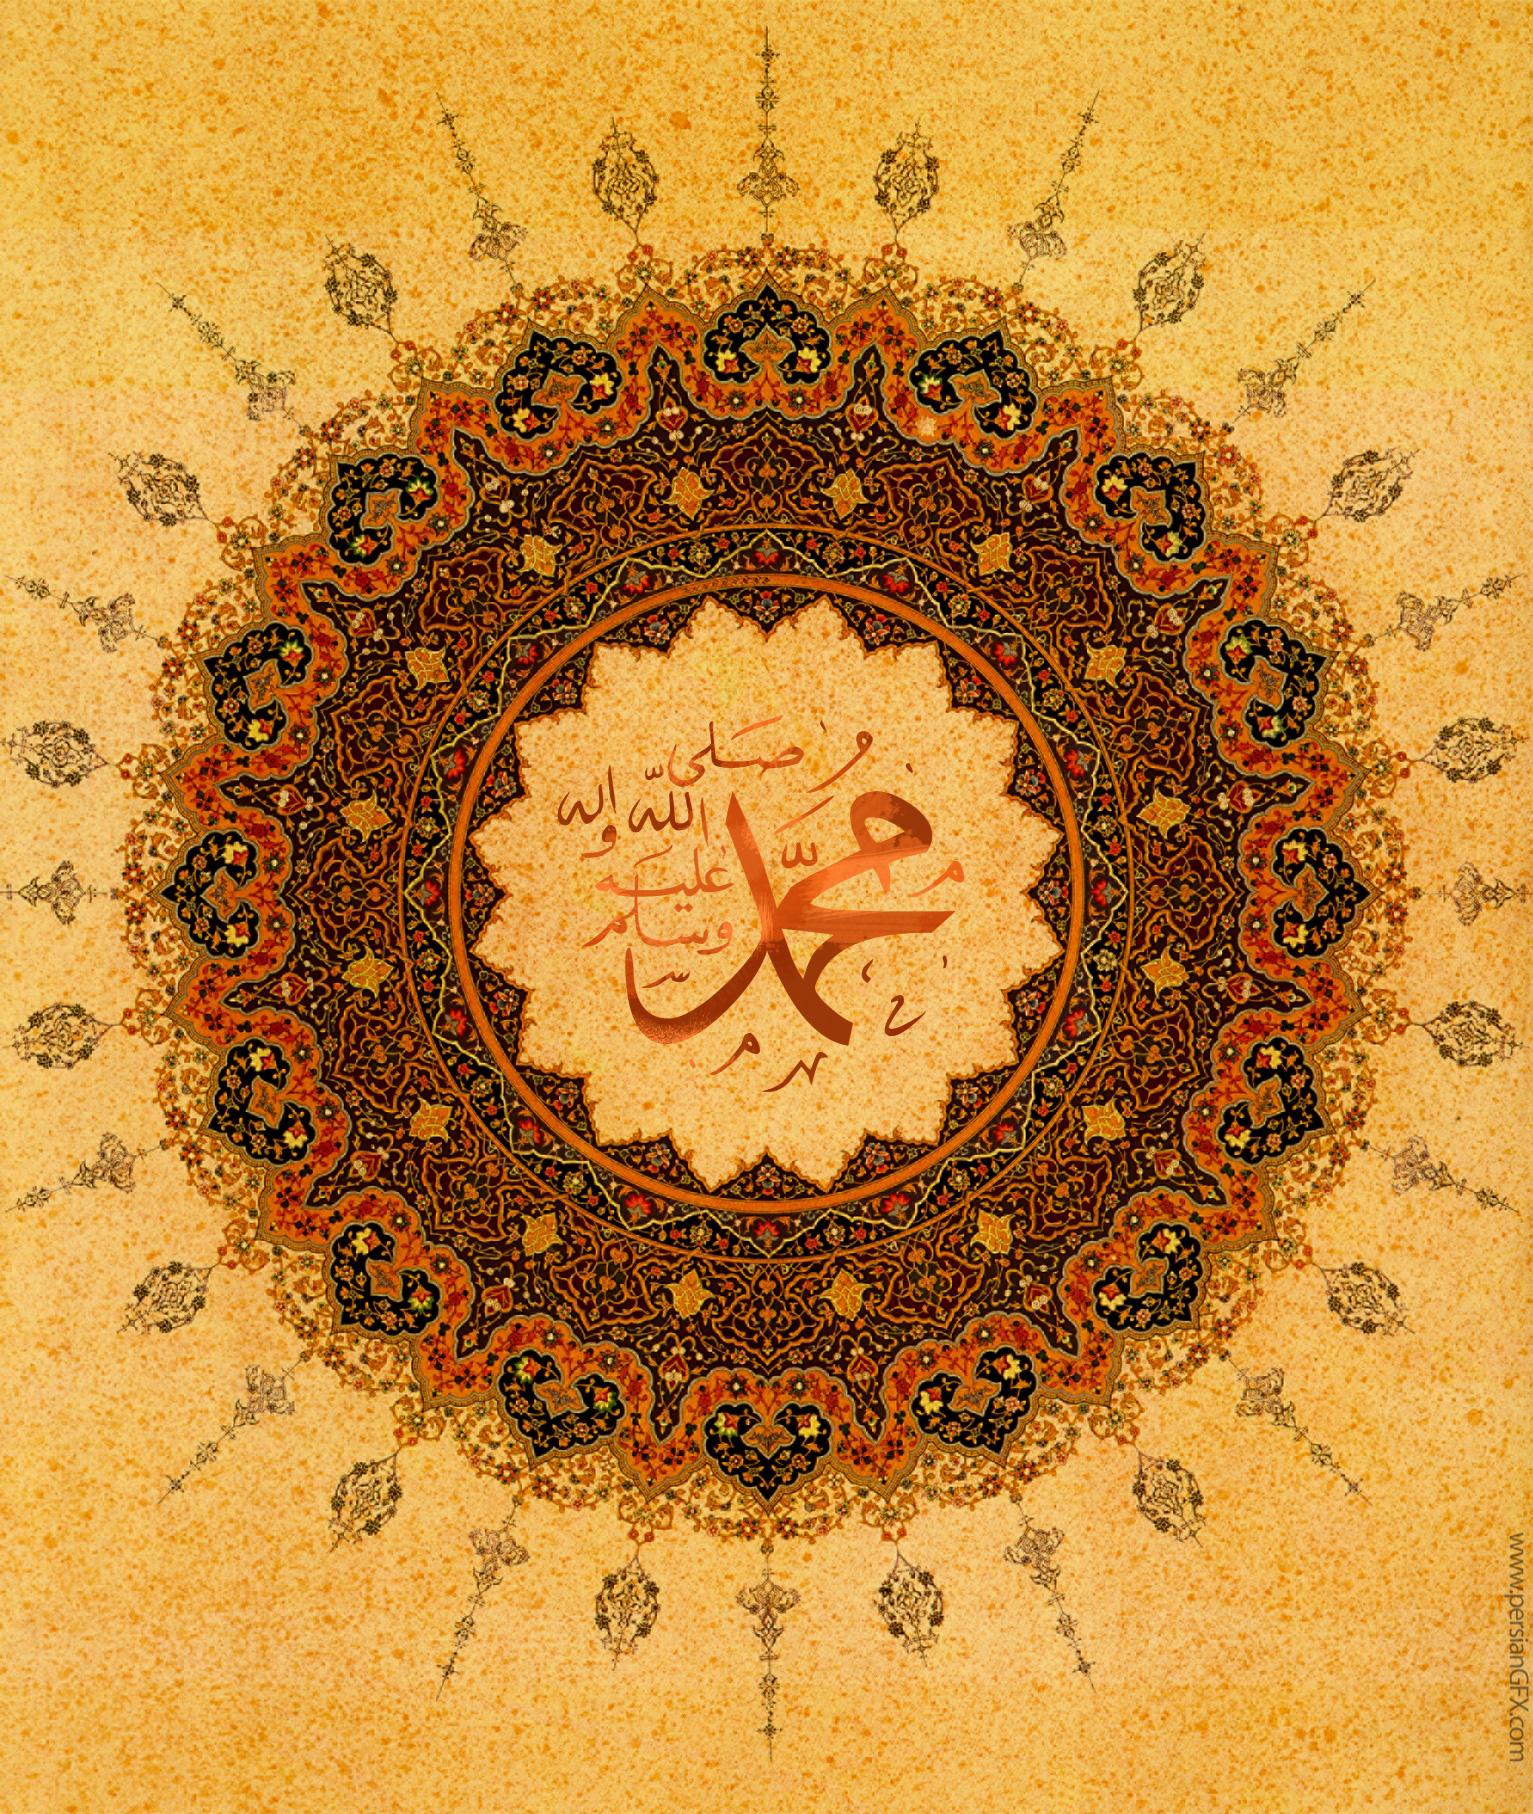 عکس پروفایل مبعث رسول اکرم (ص)